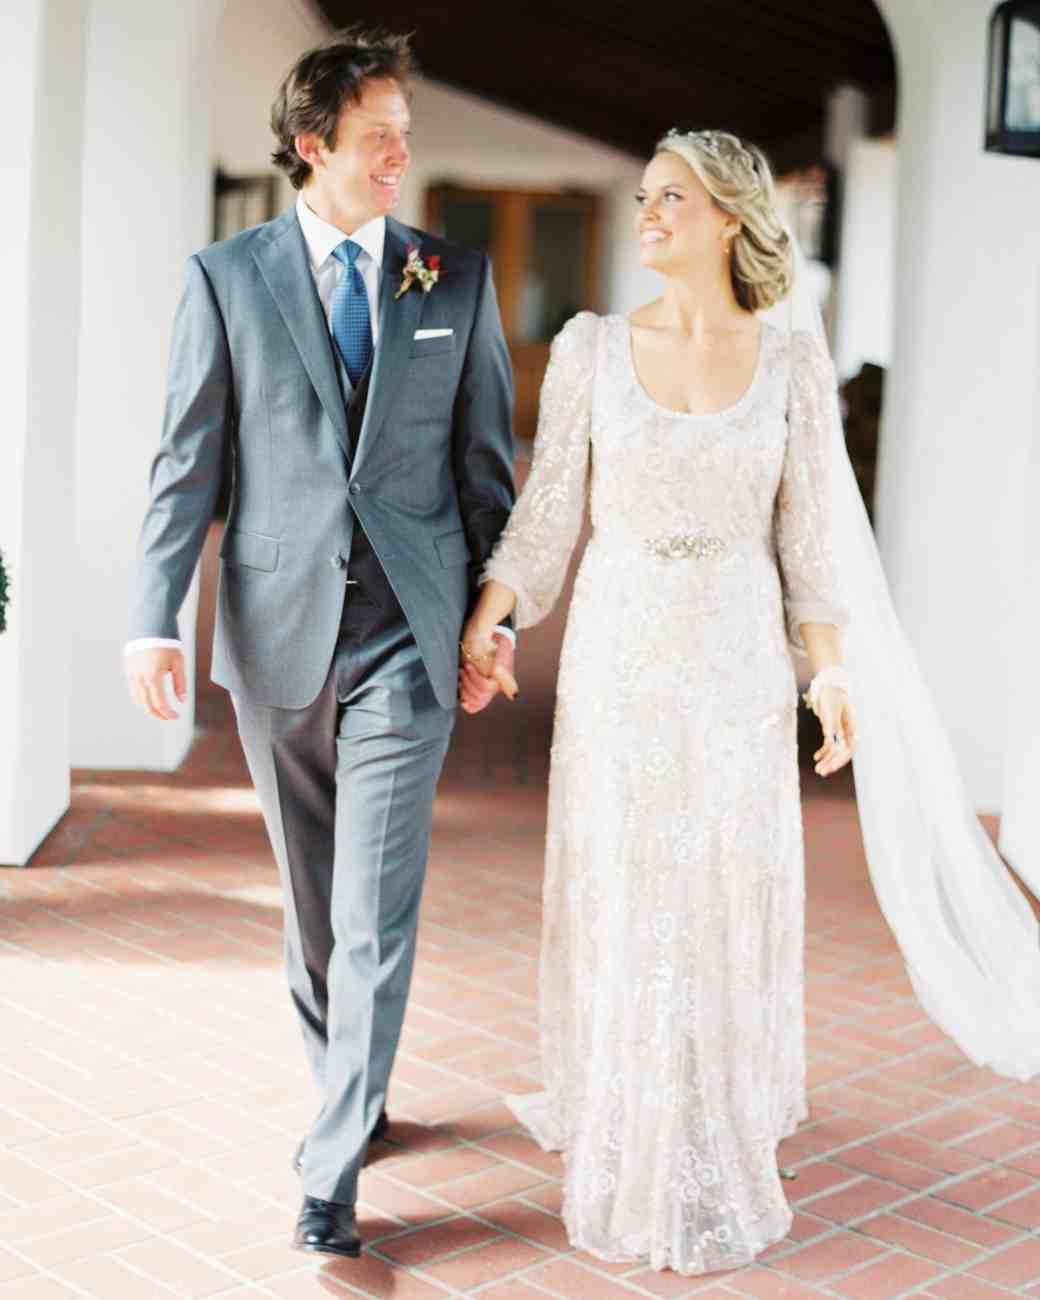 ginny-andrew-wedding-couple-0327-s112676-0216.jpg